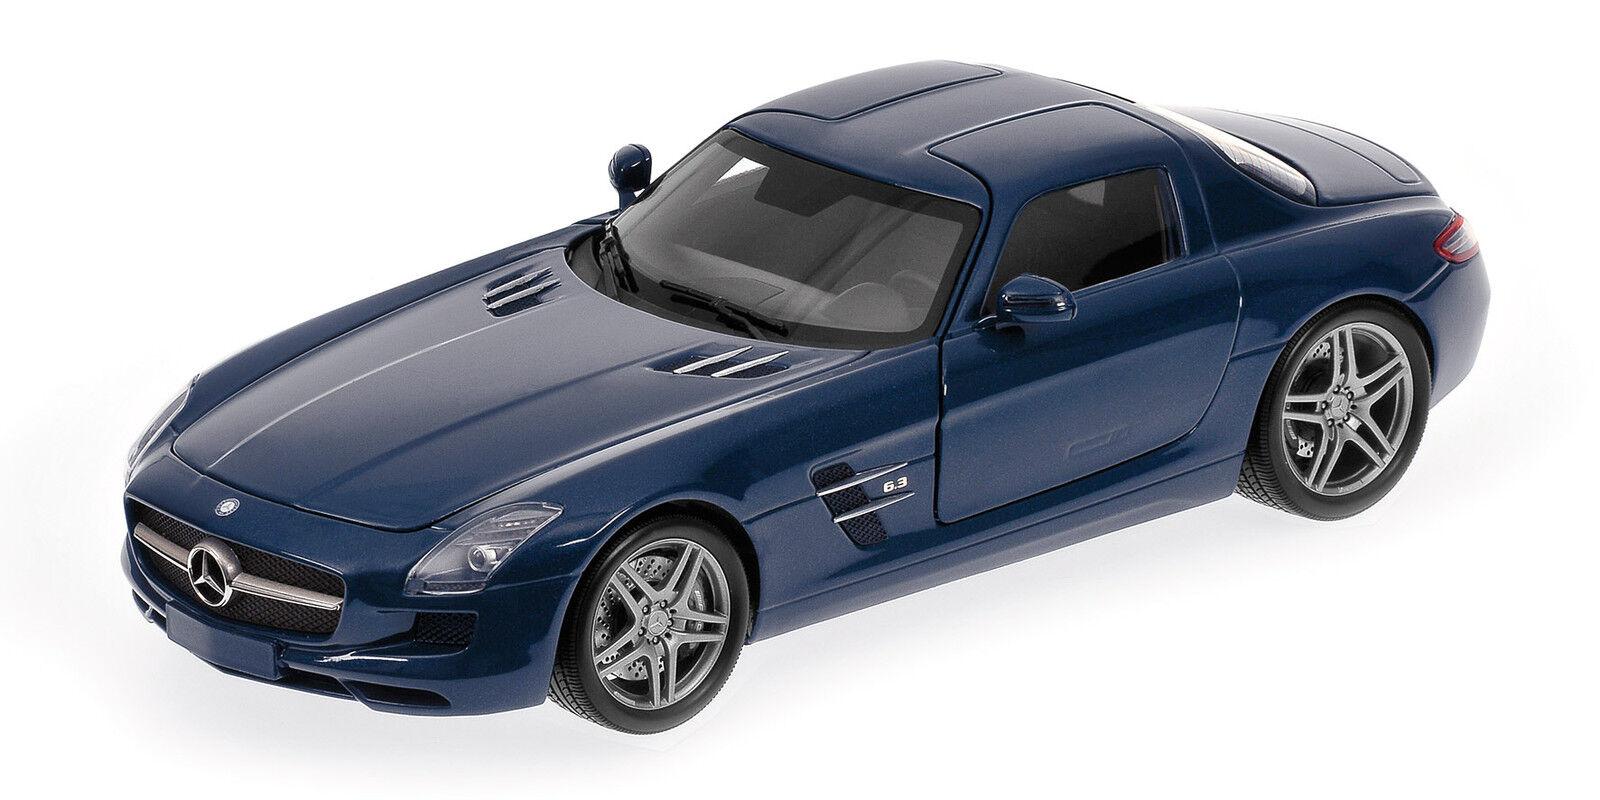 Mercedes benz sls amg 2010  bleu metallic minichamps 1 18 model 100039021  vente discount en ligne bas prix